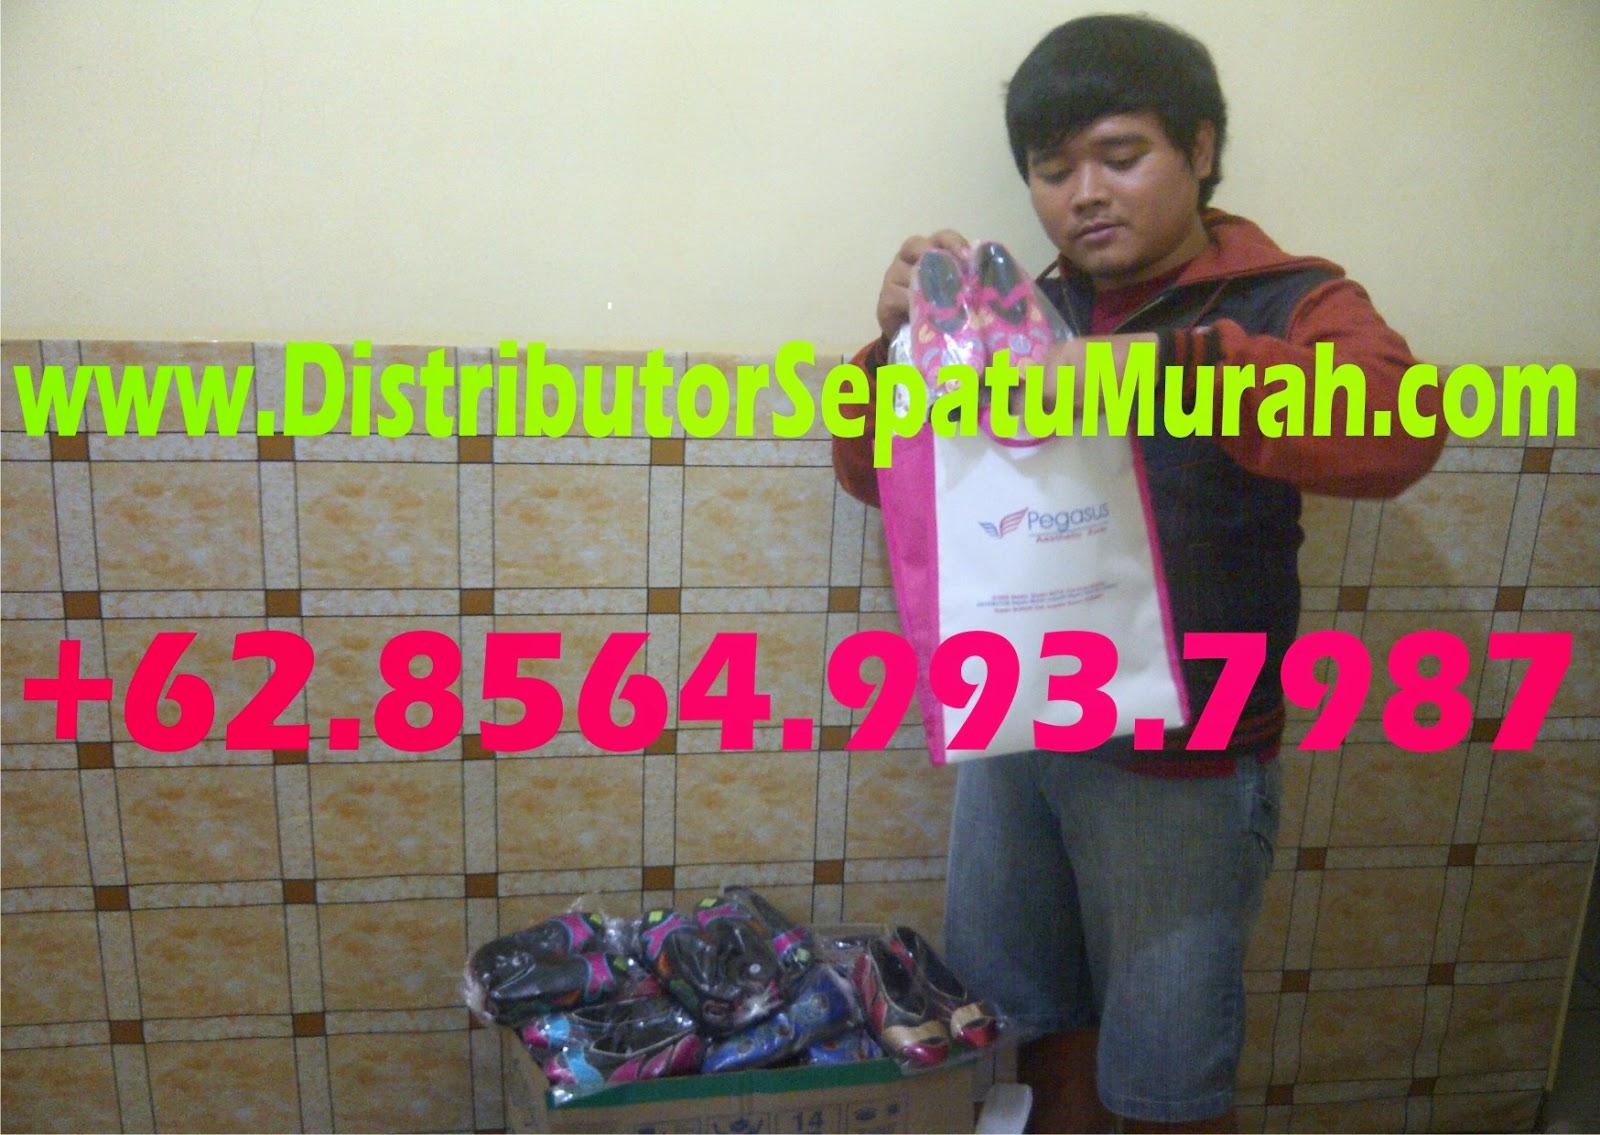 Sepatu Terbaru, Sepatu Wanita Murah, Sepatu Murah Wanita, www.distributorsepatumurah.com